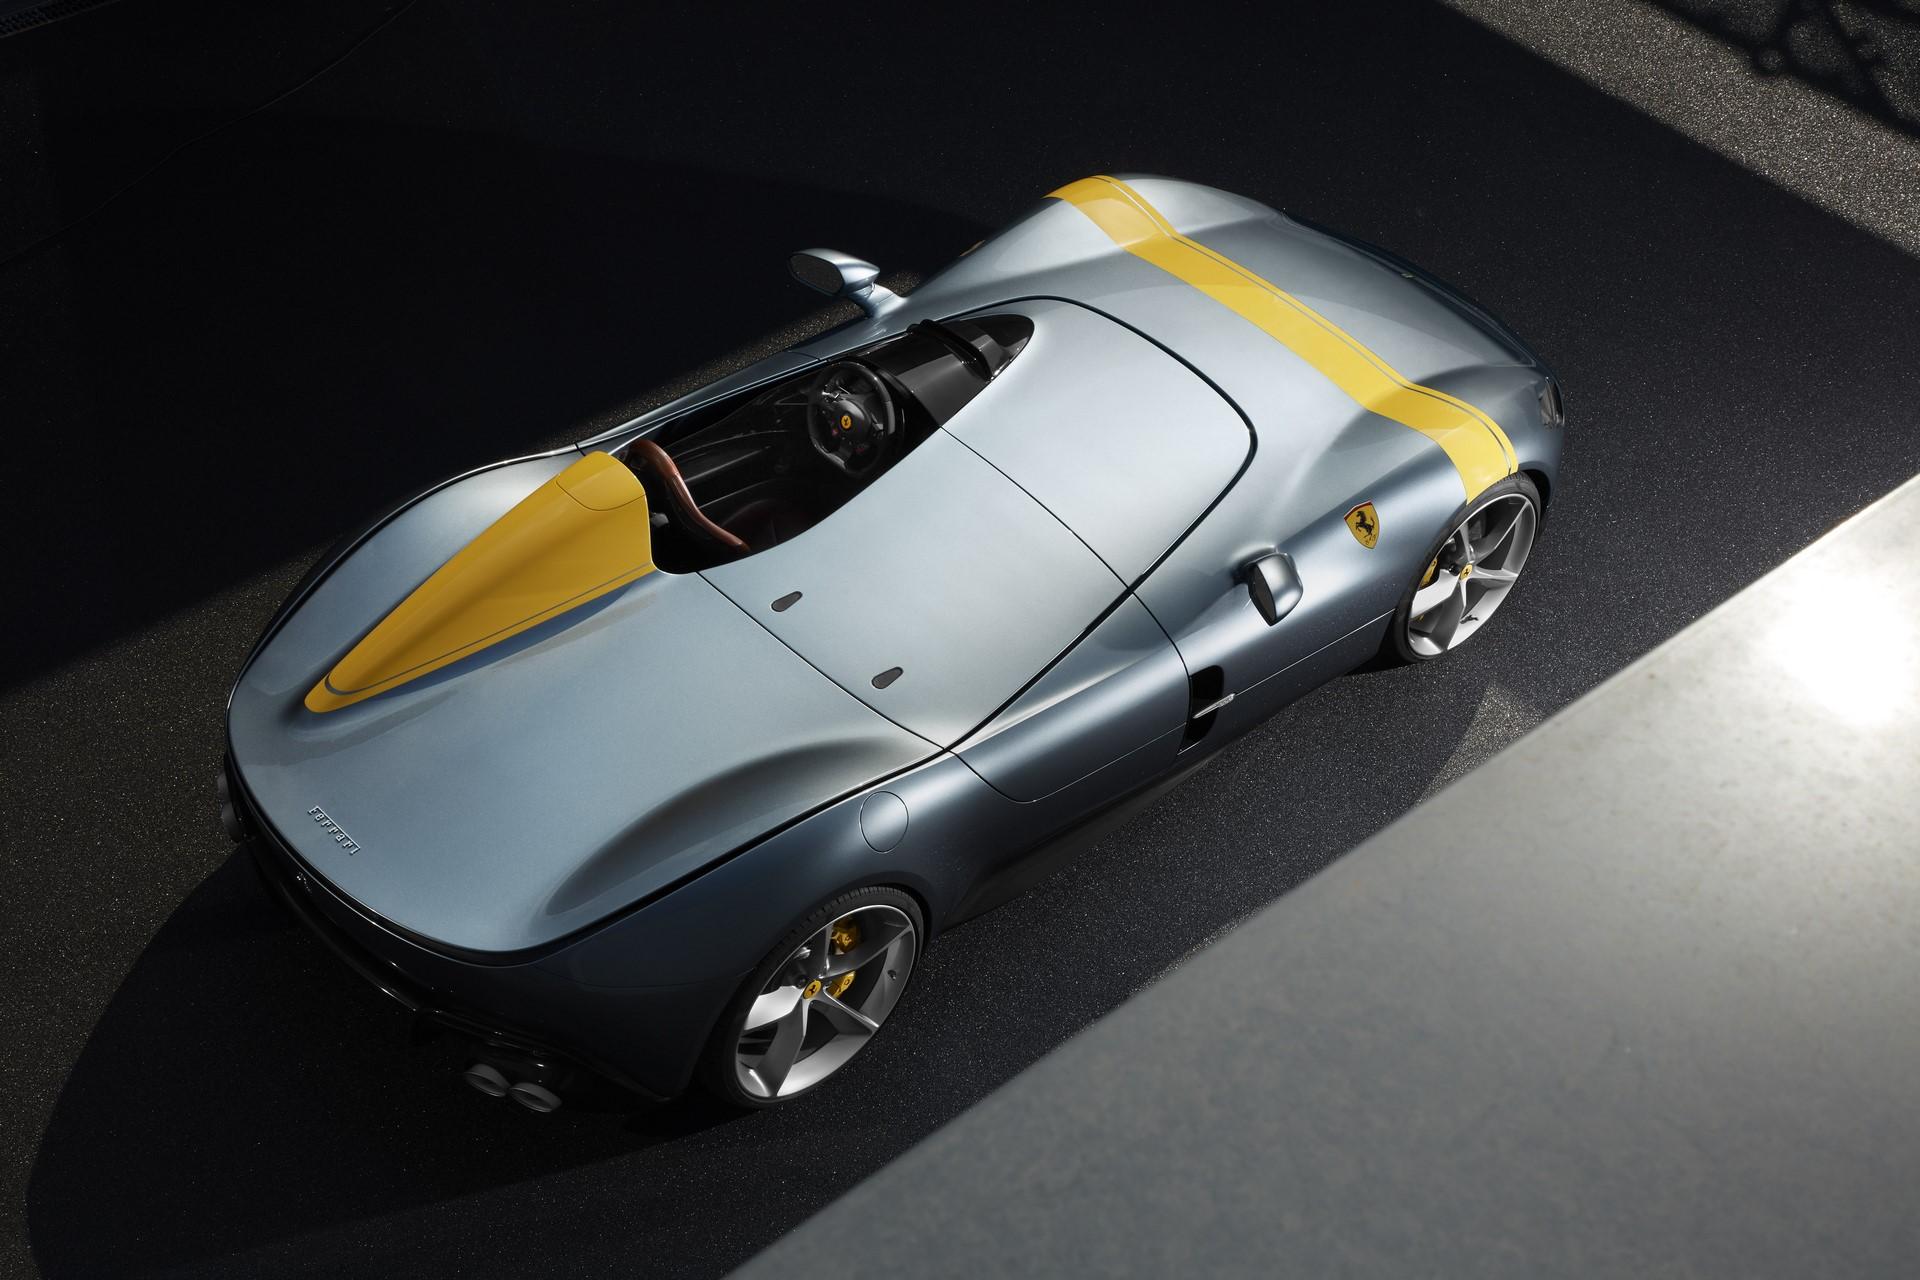 ί Ferrari Monza Sp1 Sp2 Autoblog Gr